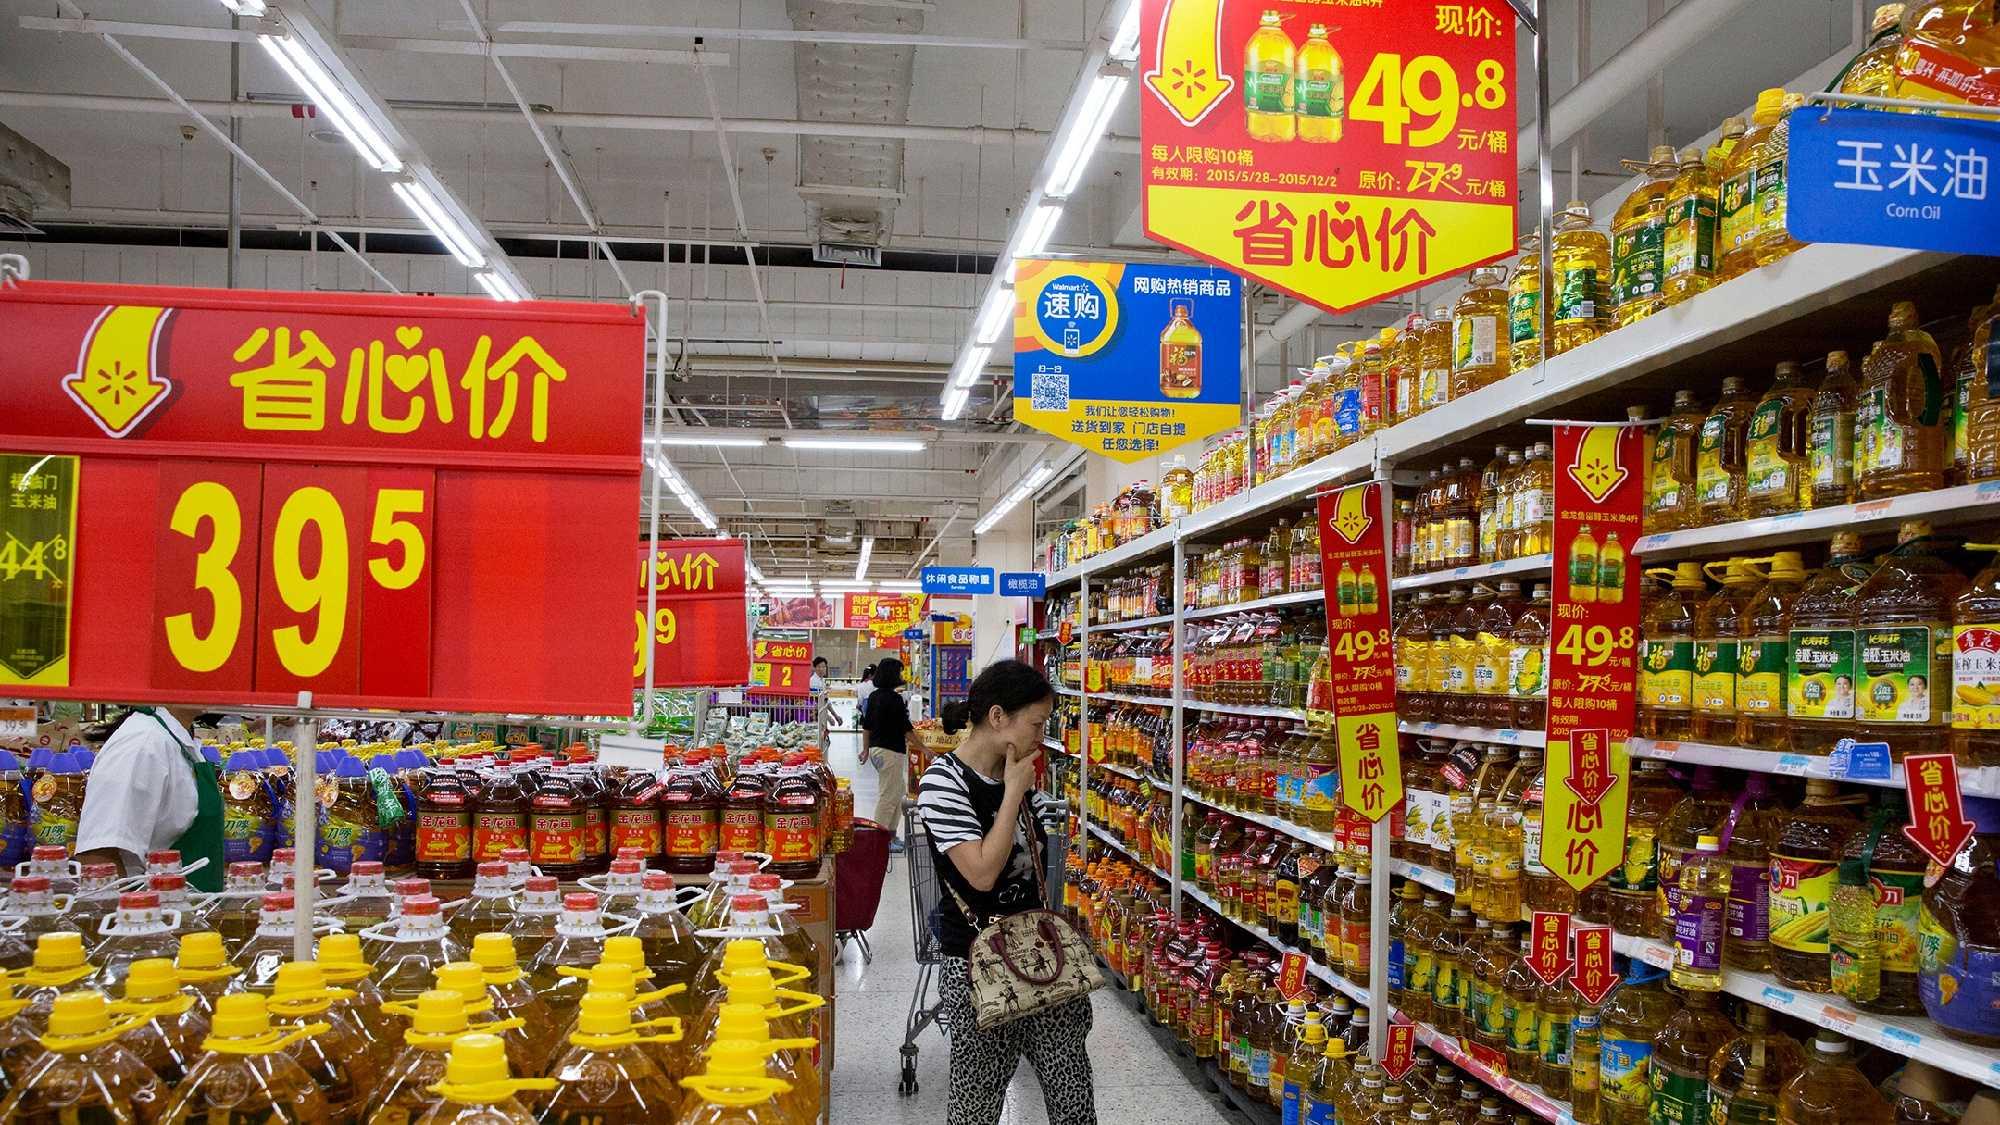 2003498-WESH-Walmart-In-China--1.jpg